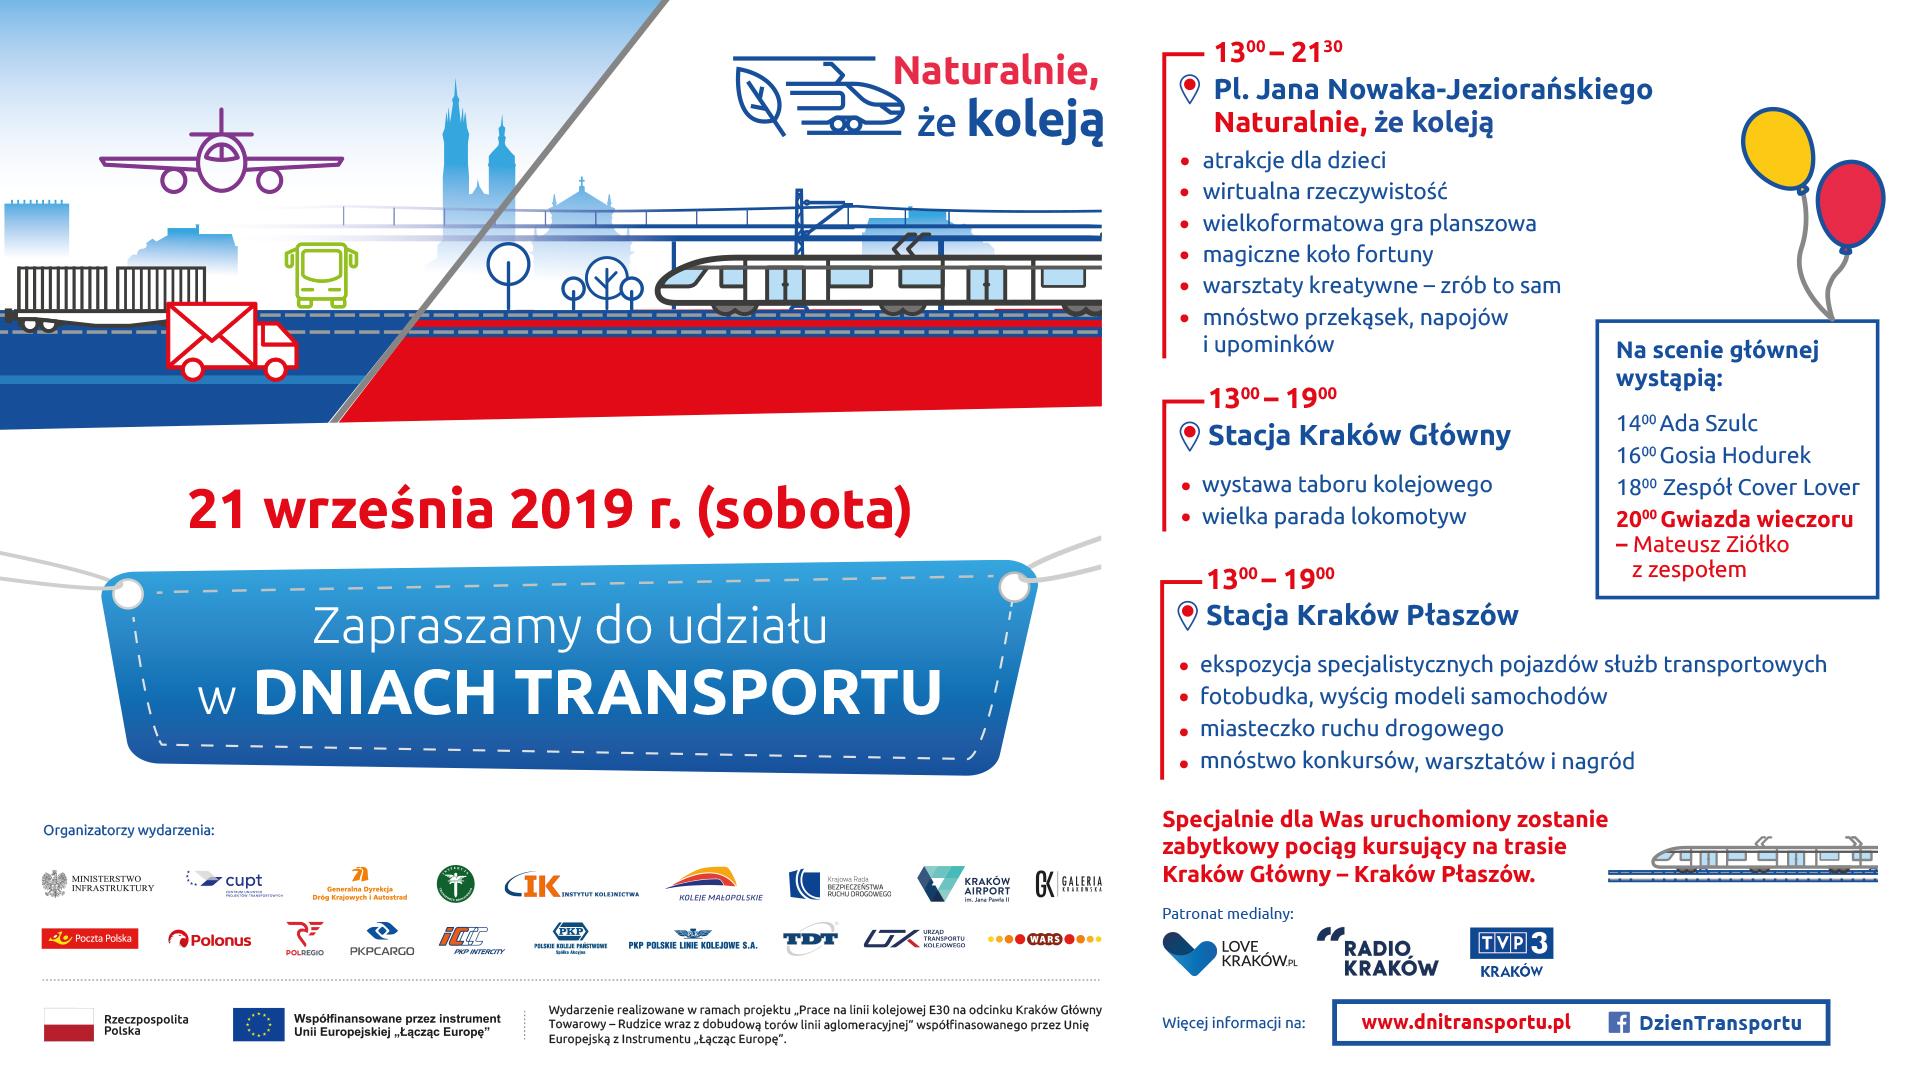 Zaproszenie do udziału w Dniach Transportu 21.09.2019 r. z opisem atrakcji wydarzenia